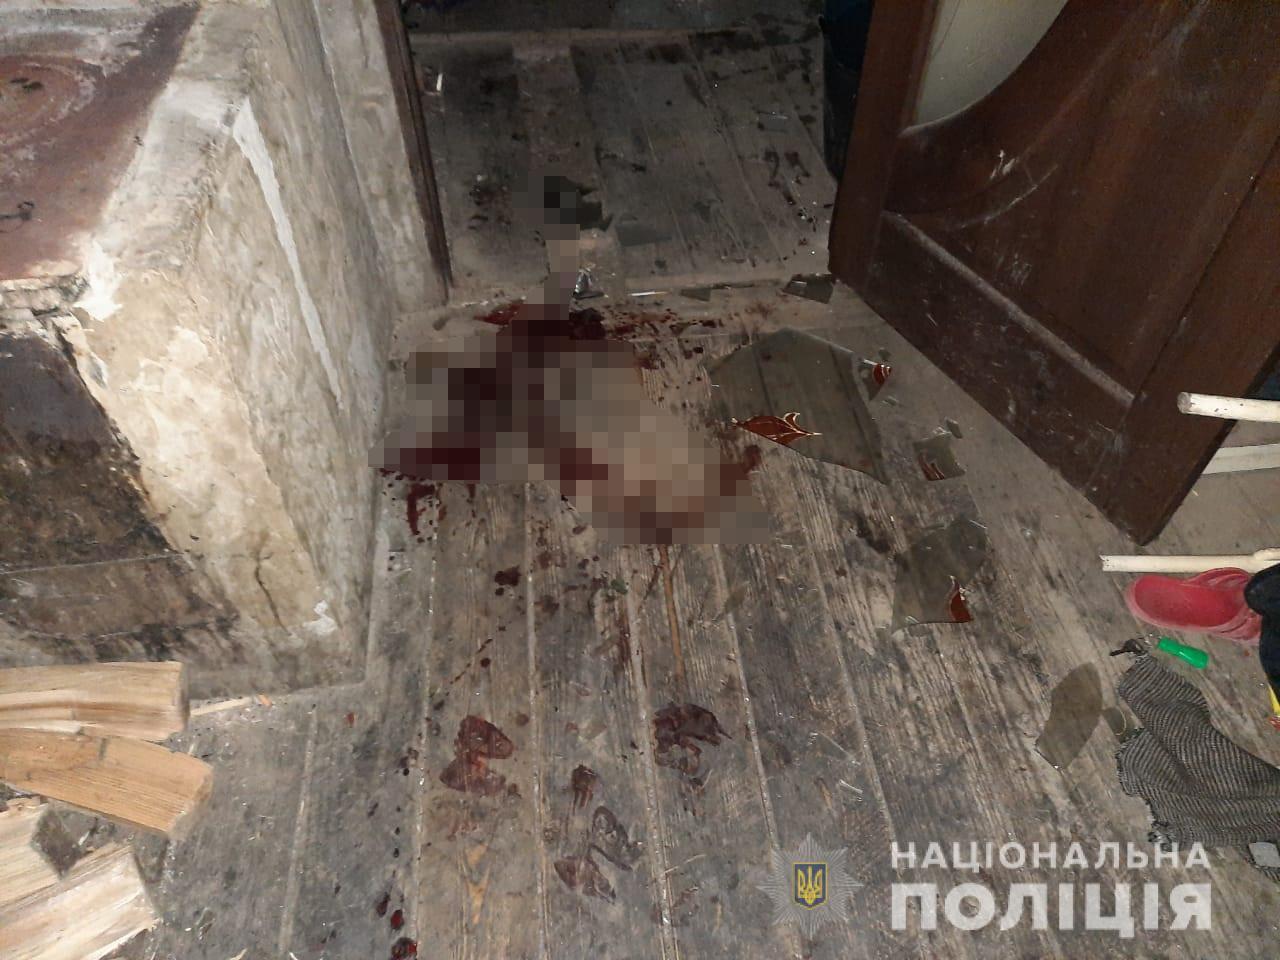 Моторошне вбивство на Закарпатті: чоловік зарубав сокирою свого родича